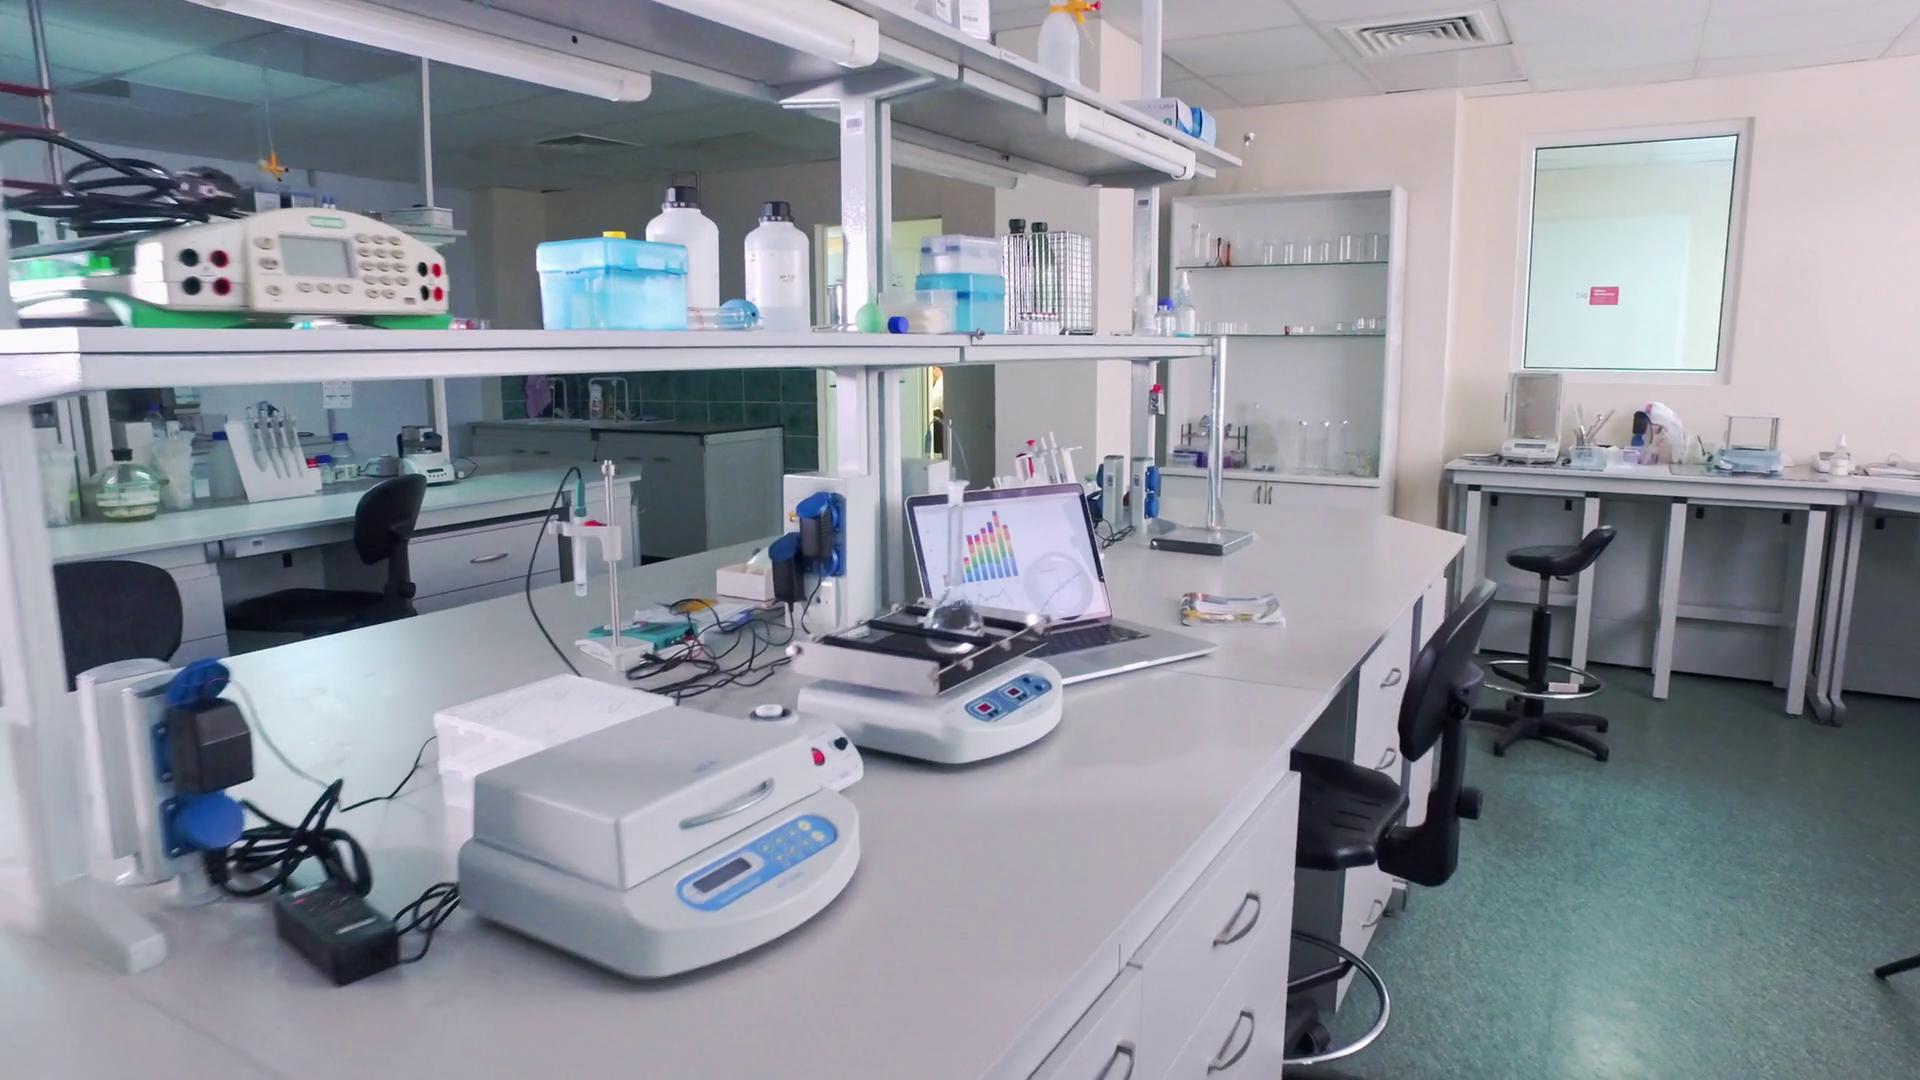 Empty research laboratory interior. Laboratory equipment ...